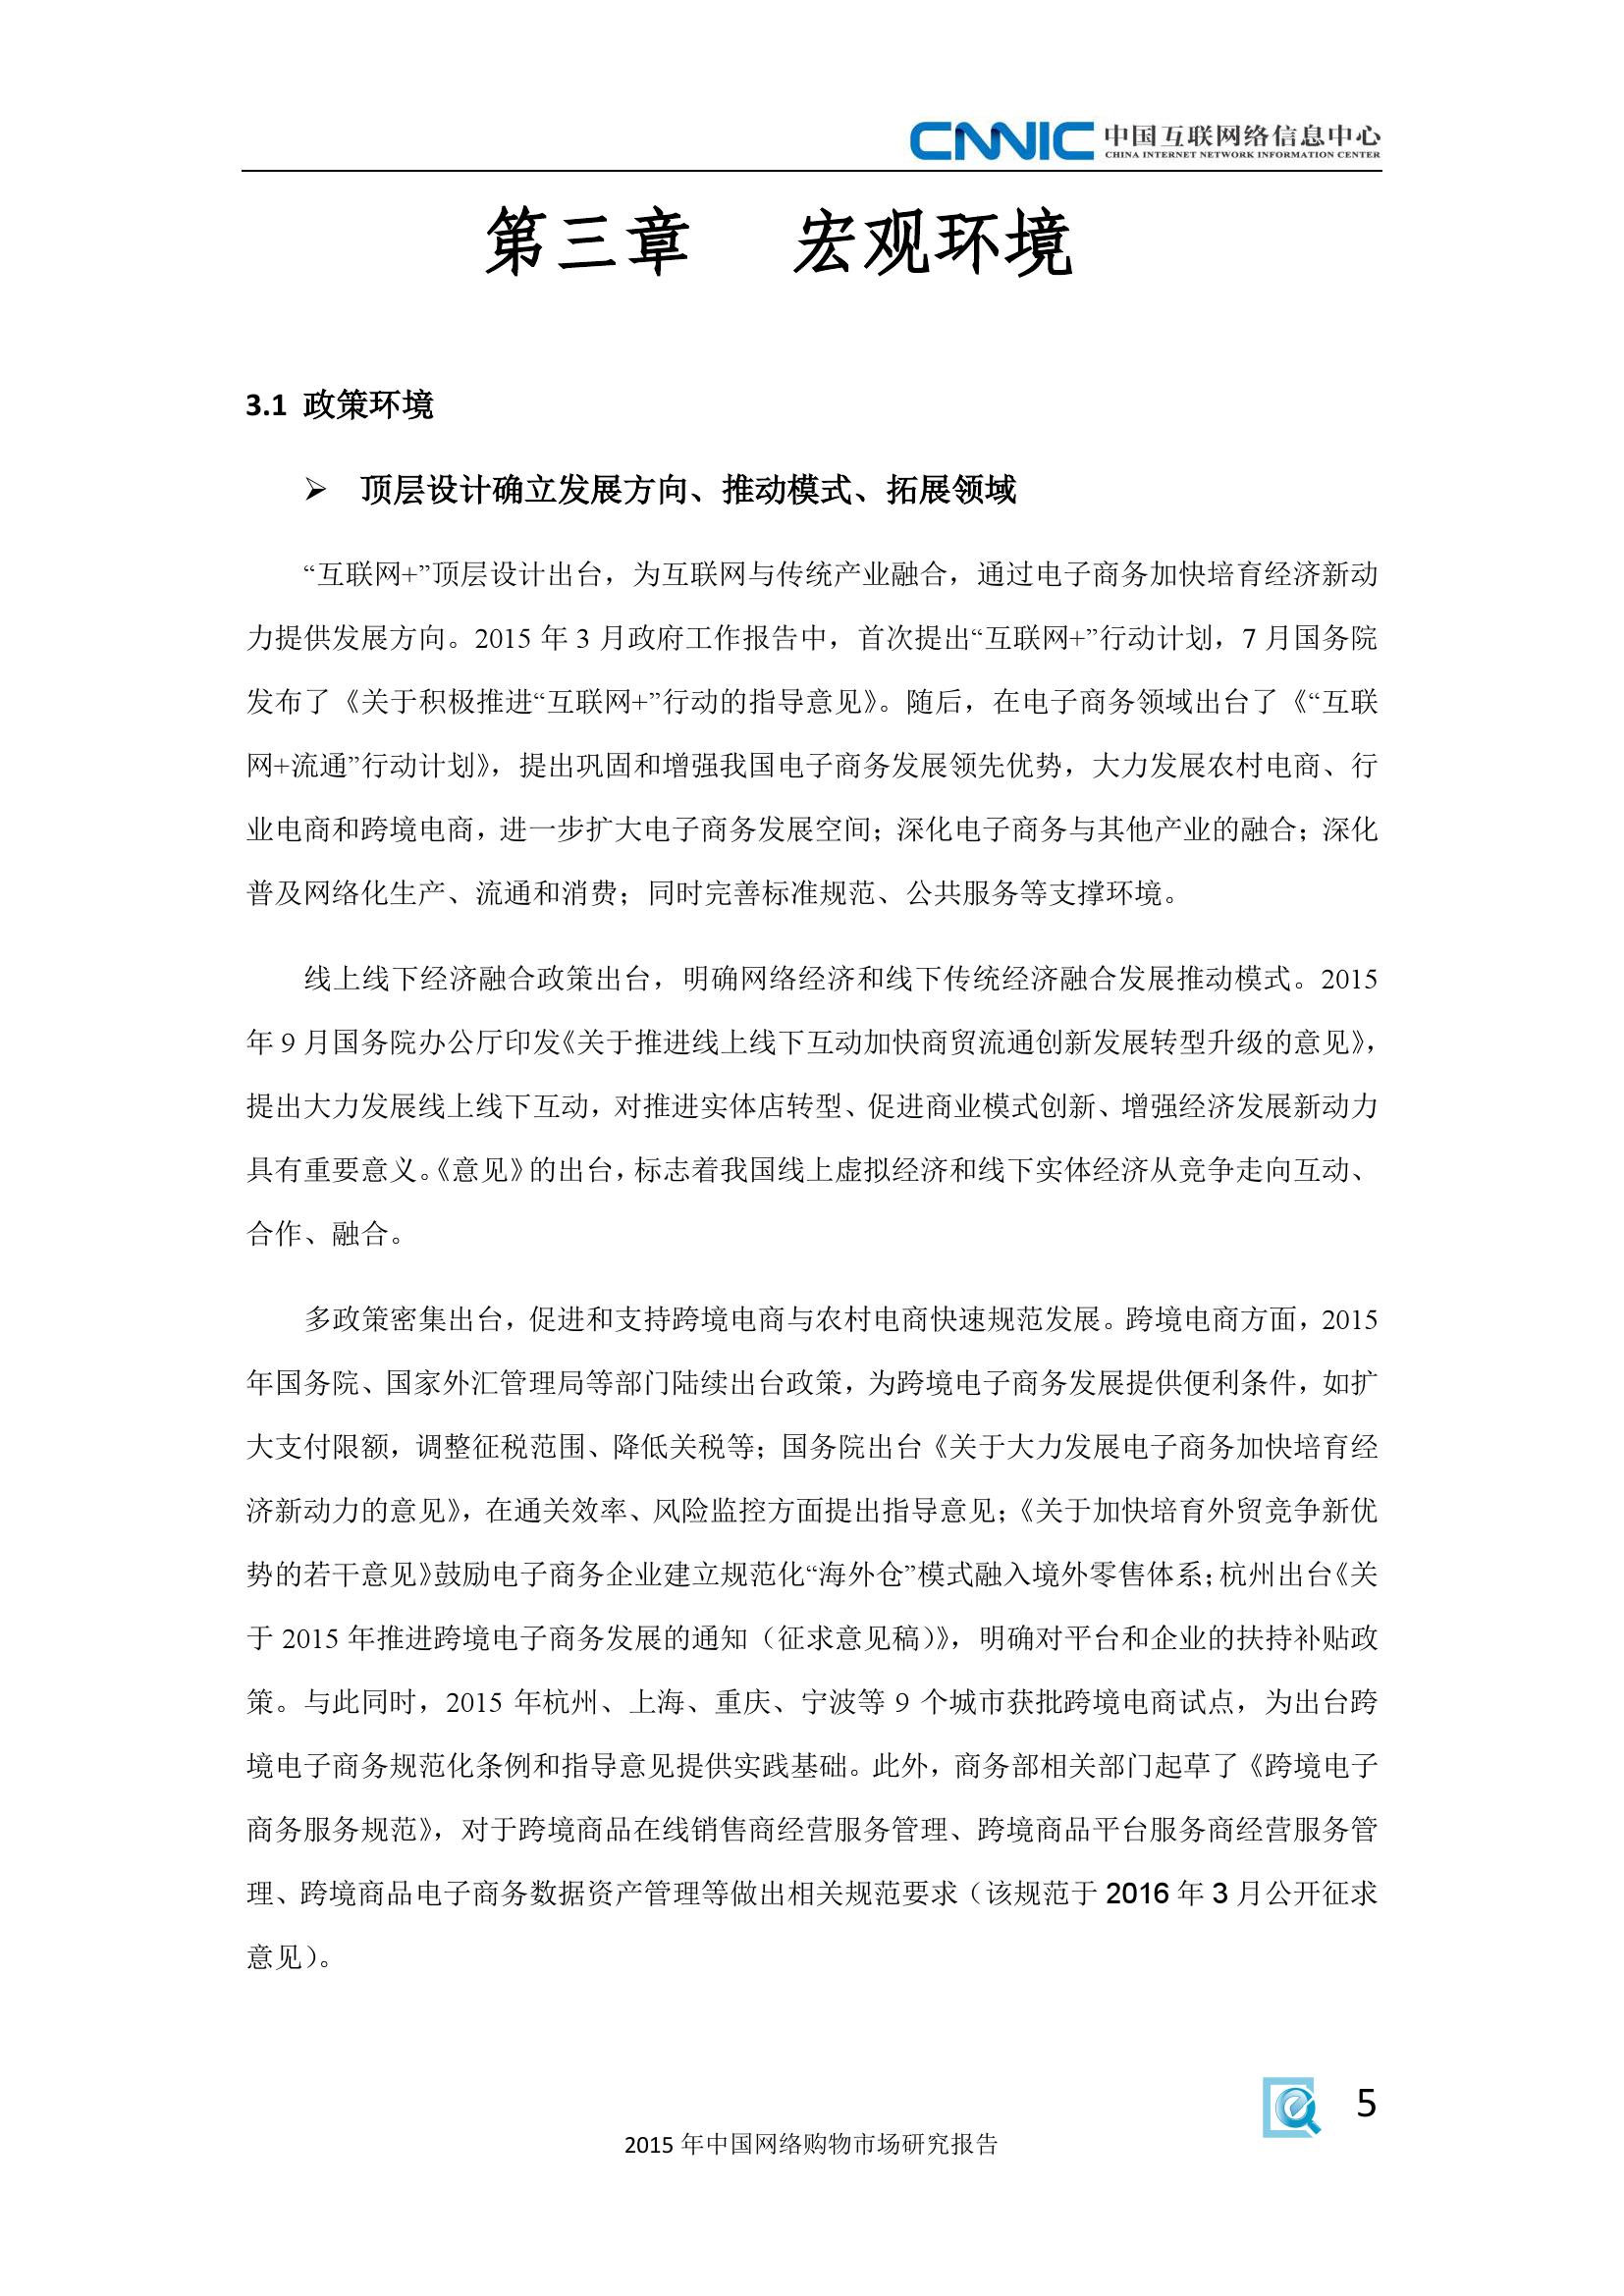 2015年中国网络购物市场研究报告_000013